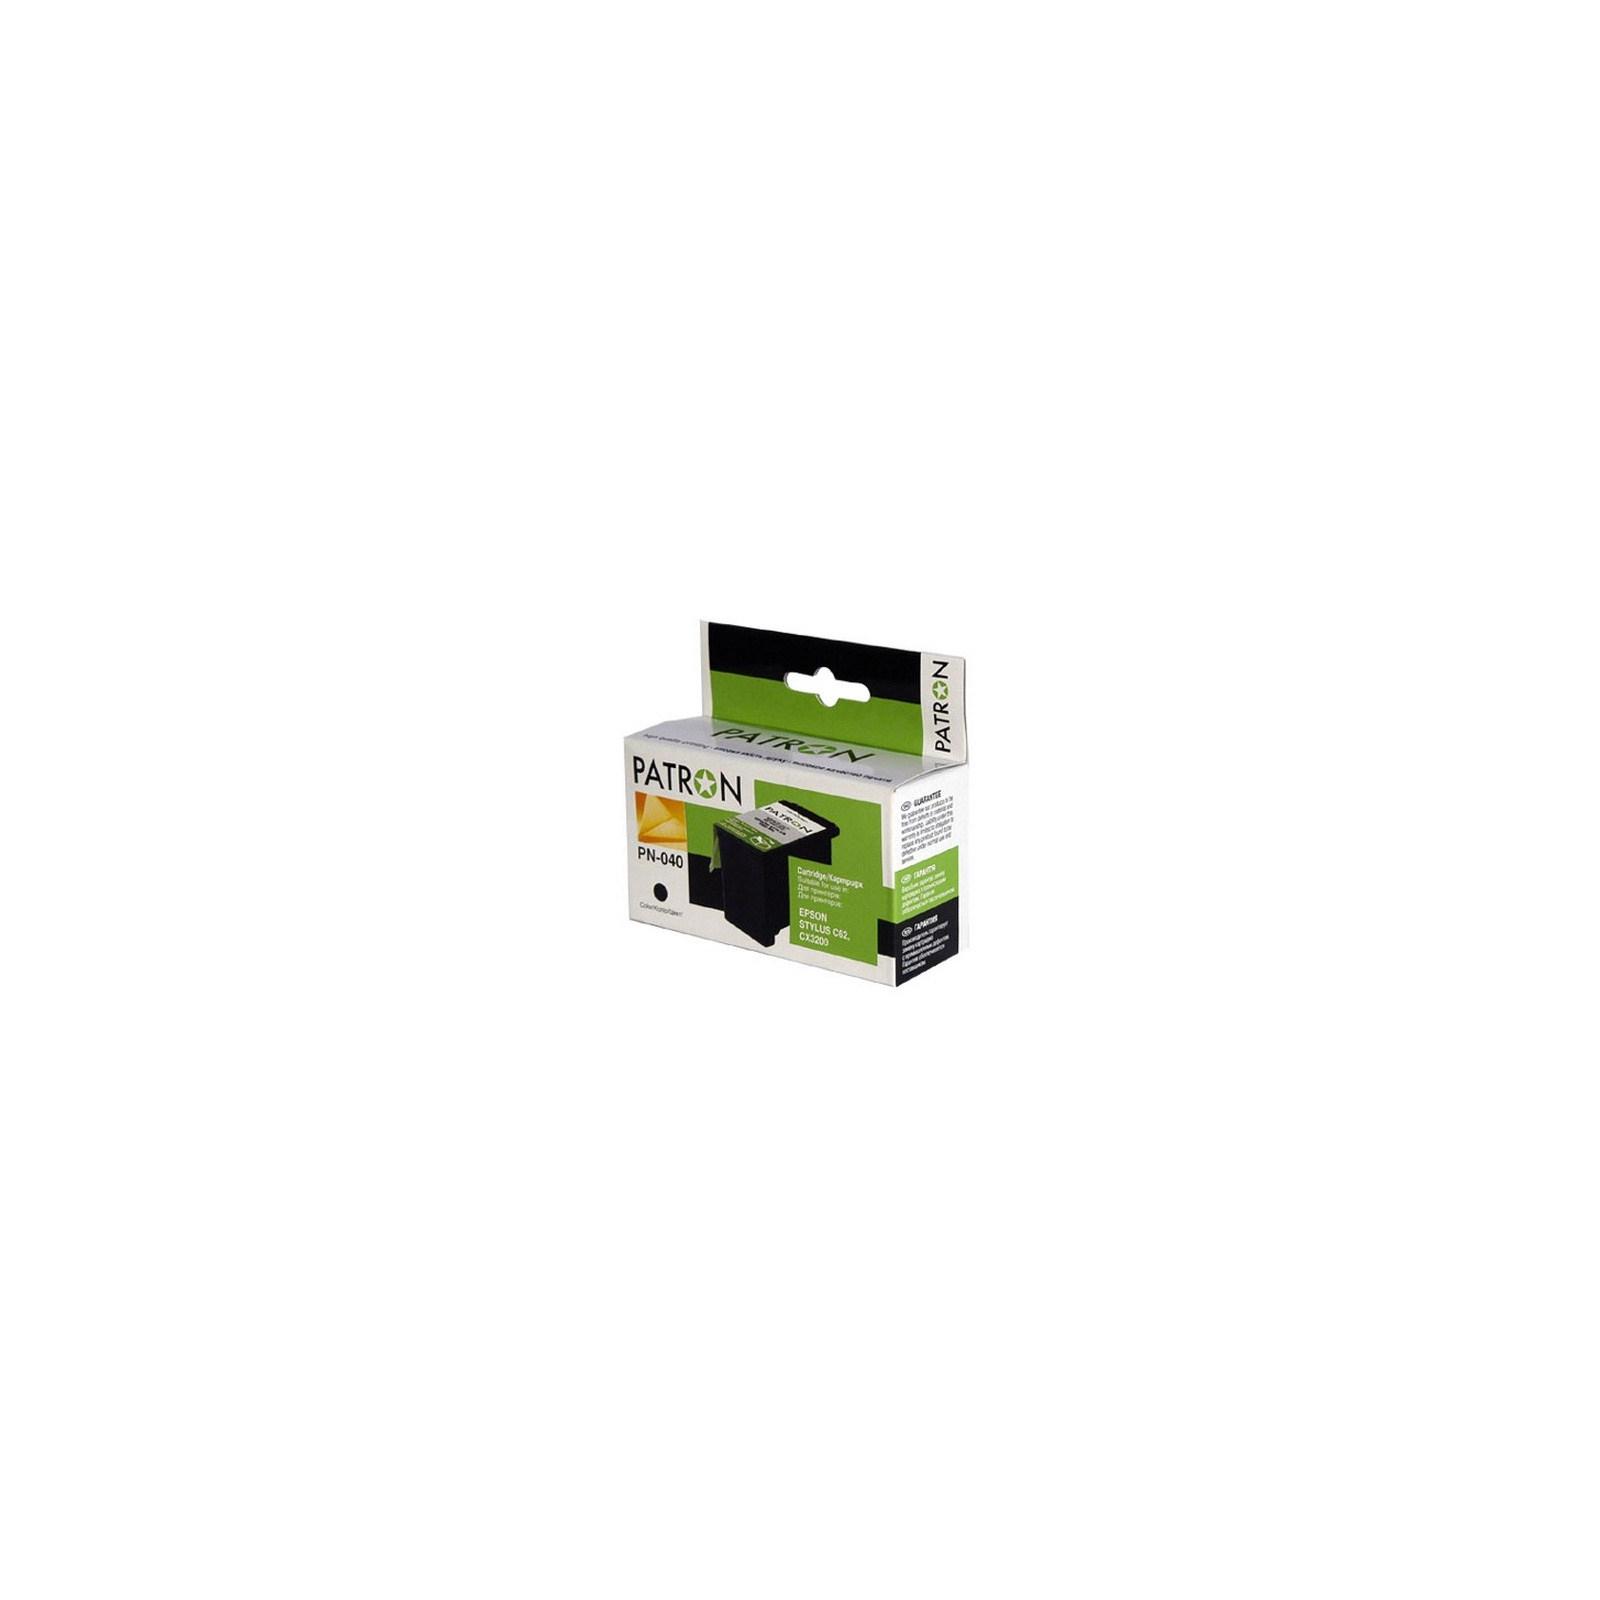 Картридж PATRON для EPSON StC62, CX3200 black (CI-EPS-T040140-B-PR)